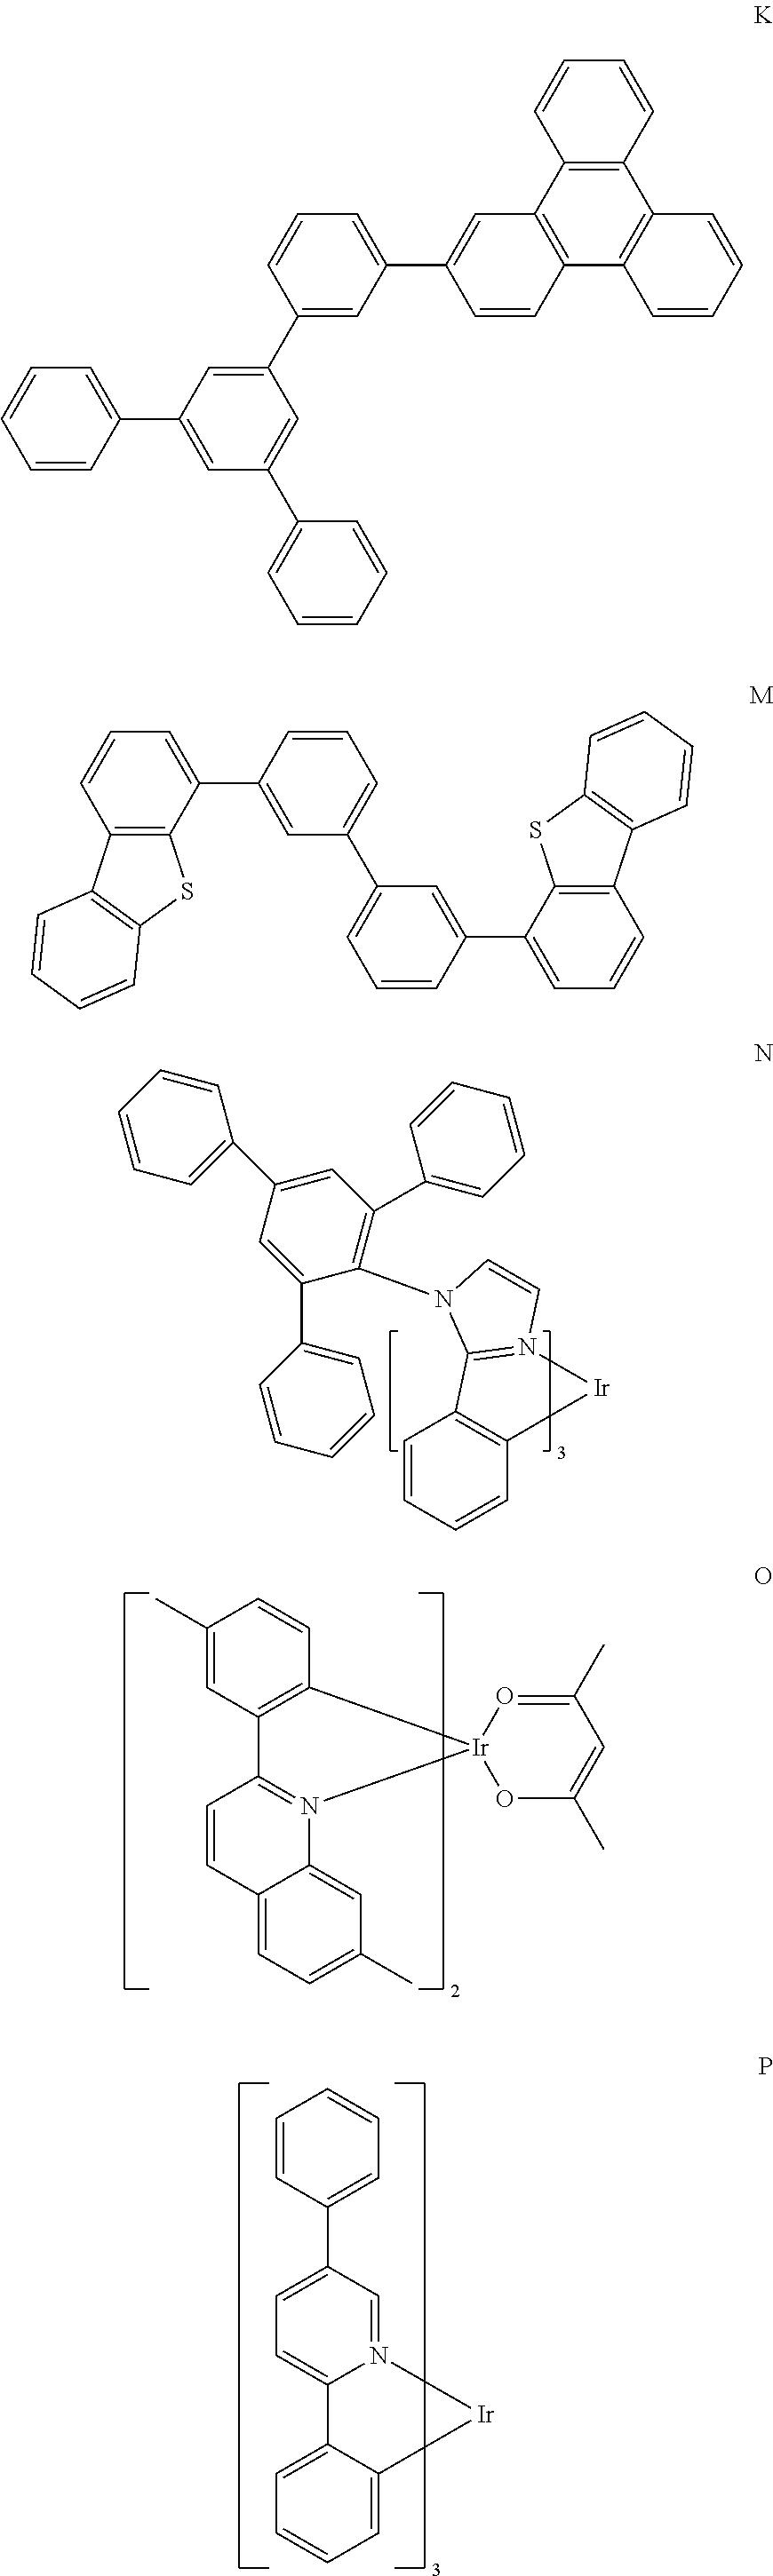 Figure US08866377-20141021-C00004